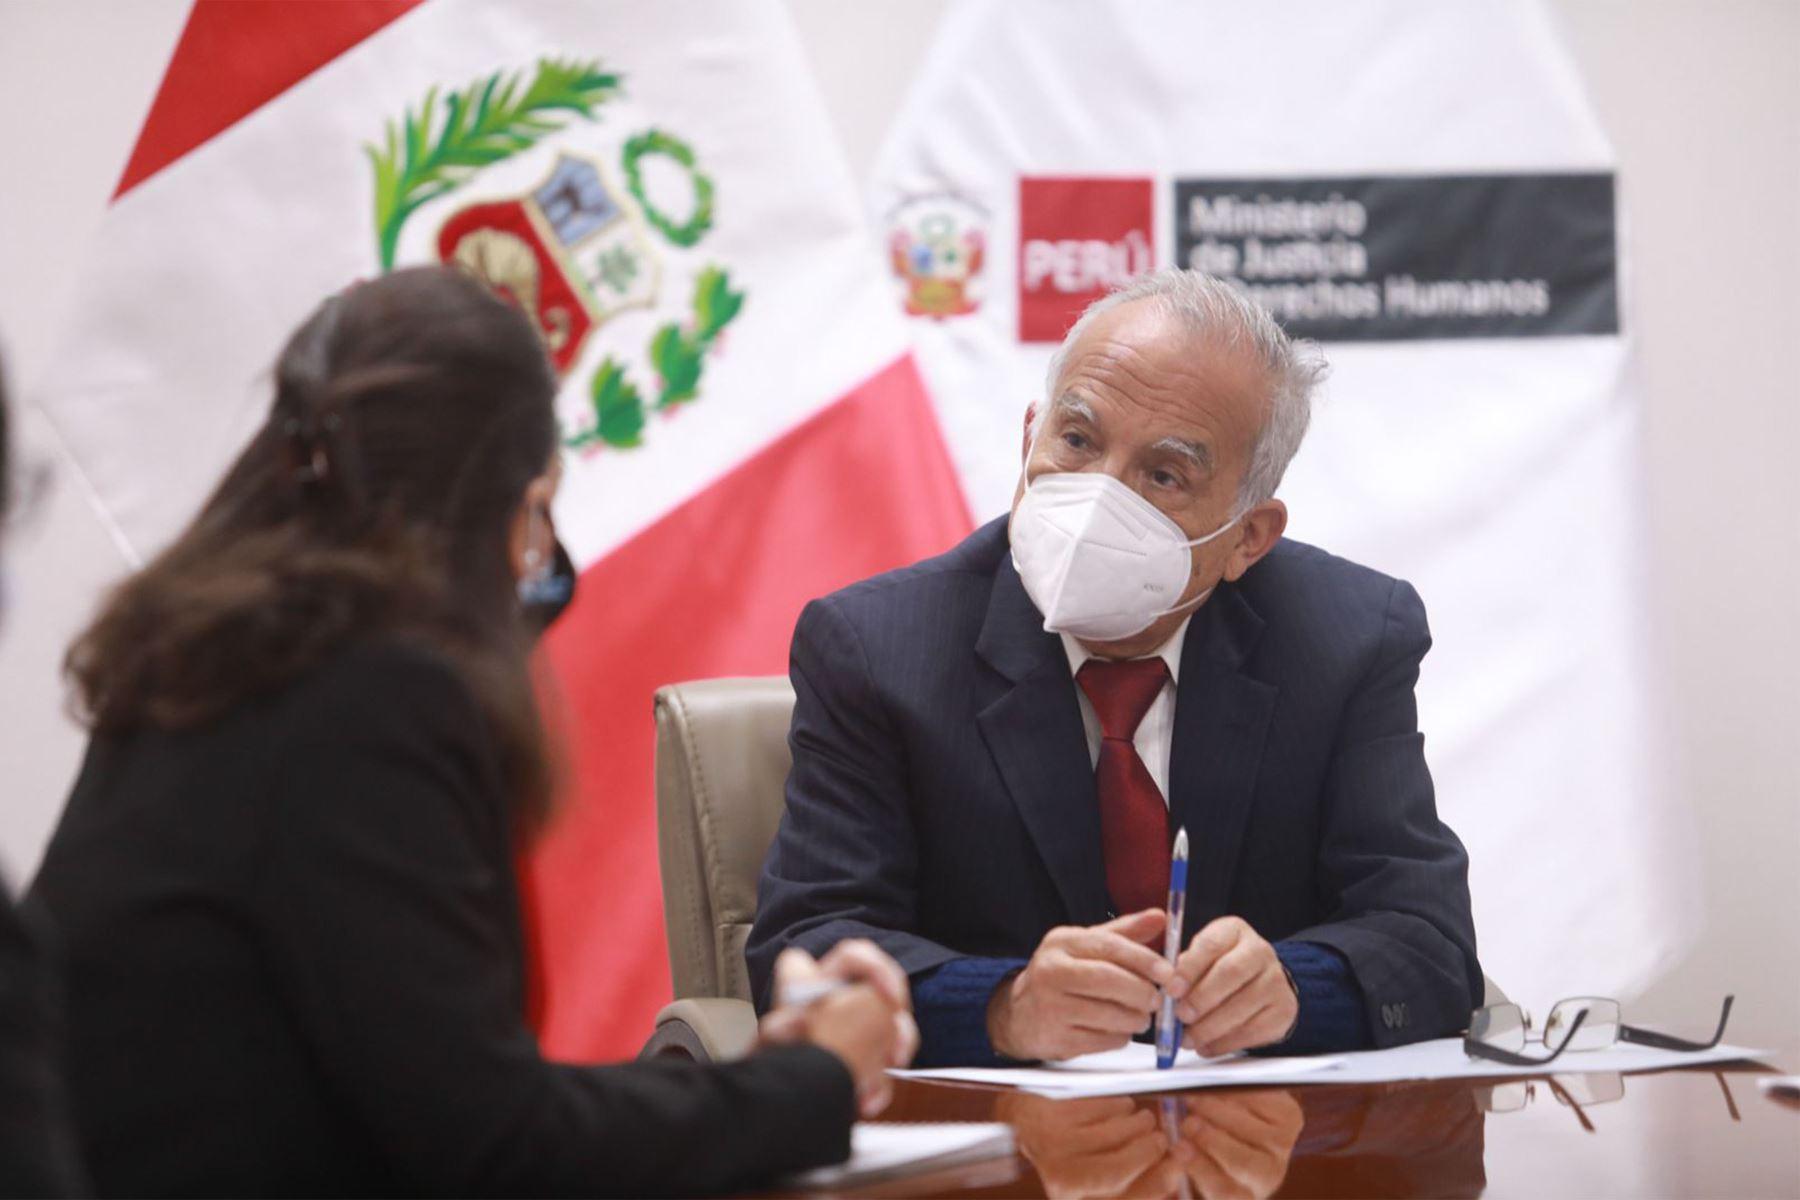 Ministro de Justicia señala que no habrá cuestión de confianza por ministro Maraví